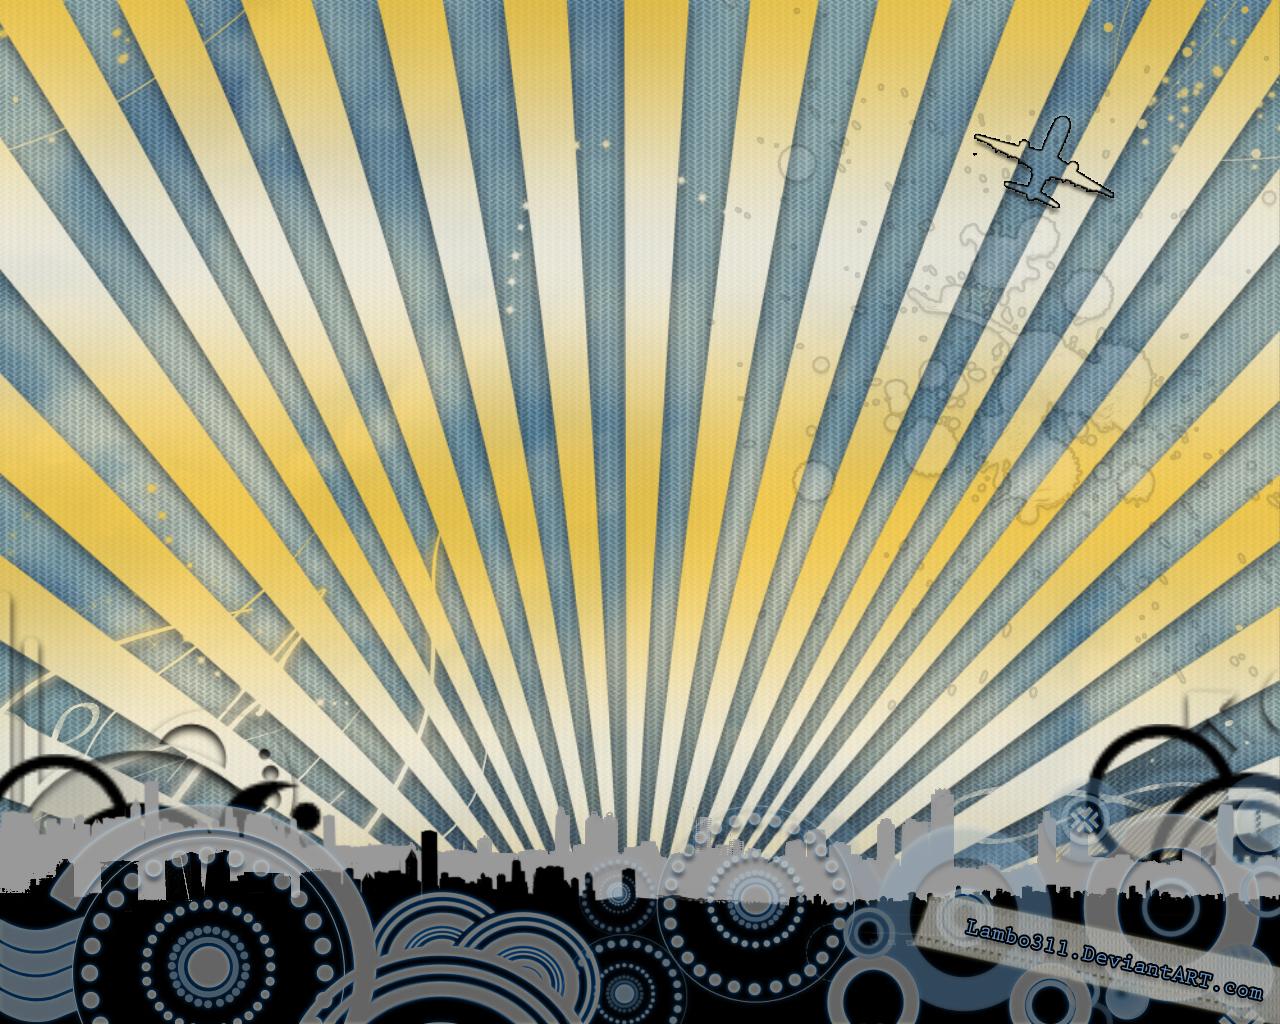 Sun Vector by lambo311